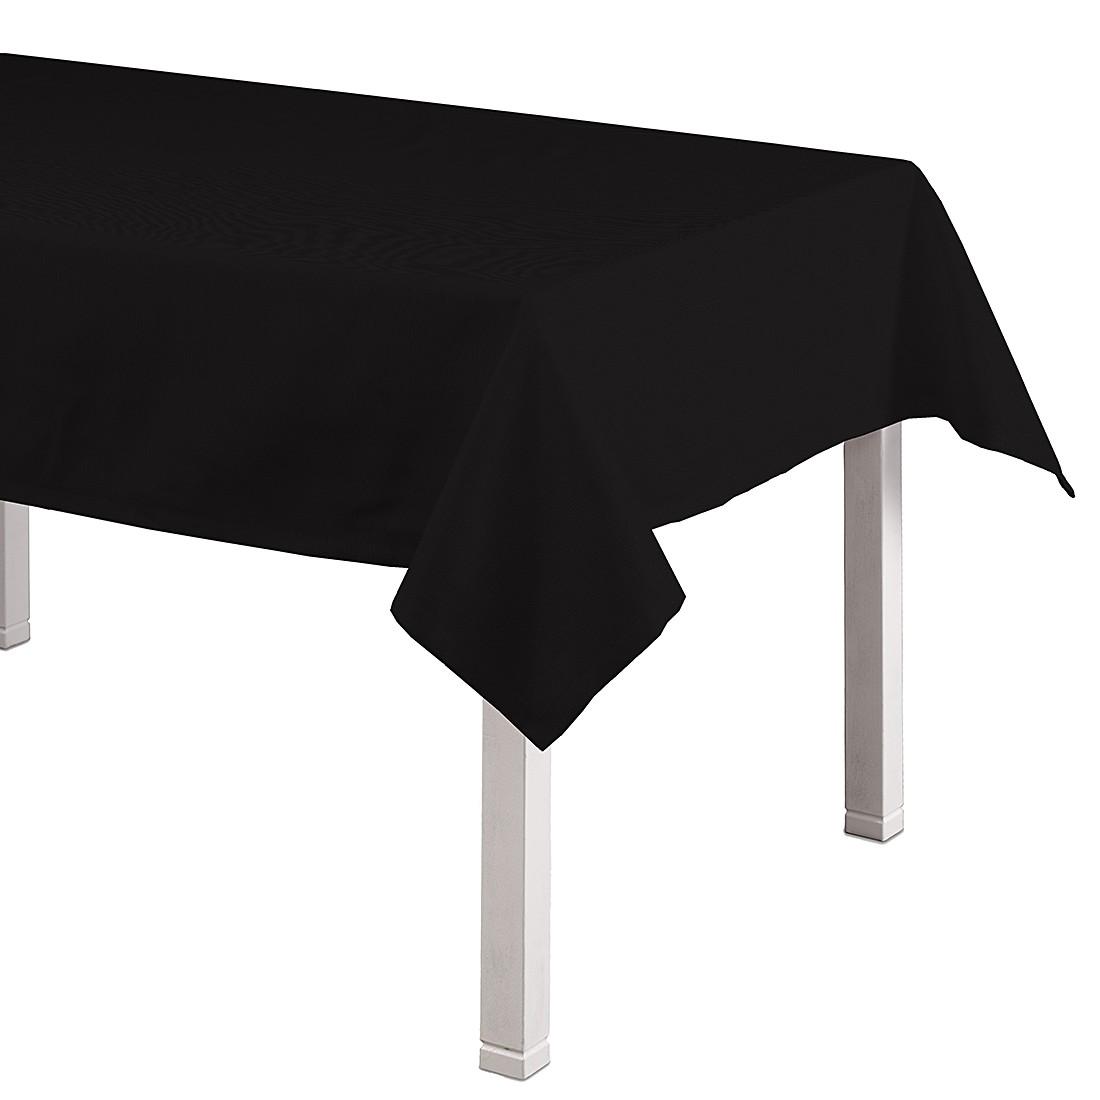 Tischdecke Cotton Panama – Schwarz – 130 x 250 cm, Dekoria günstig online kaufen